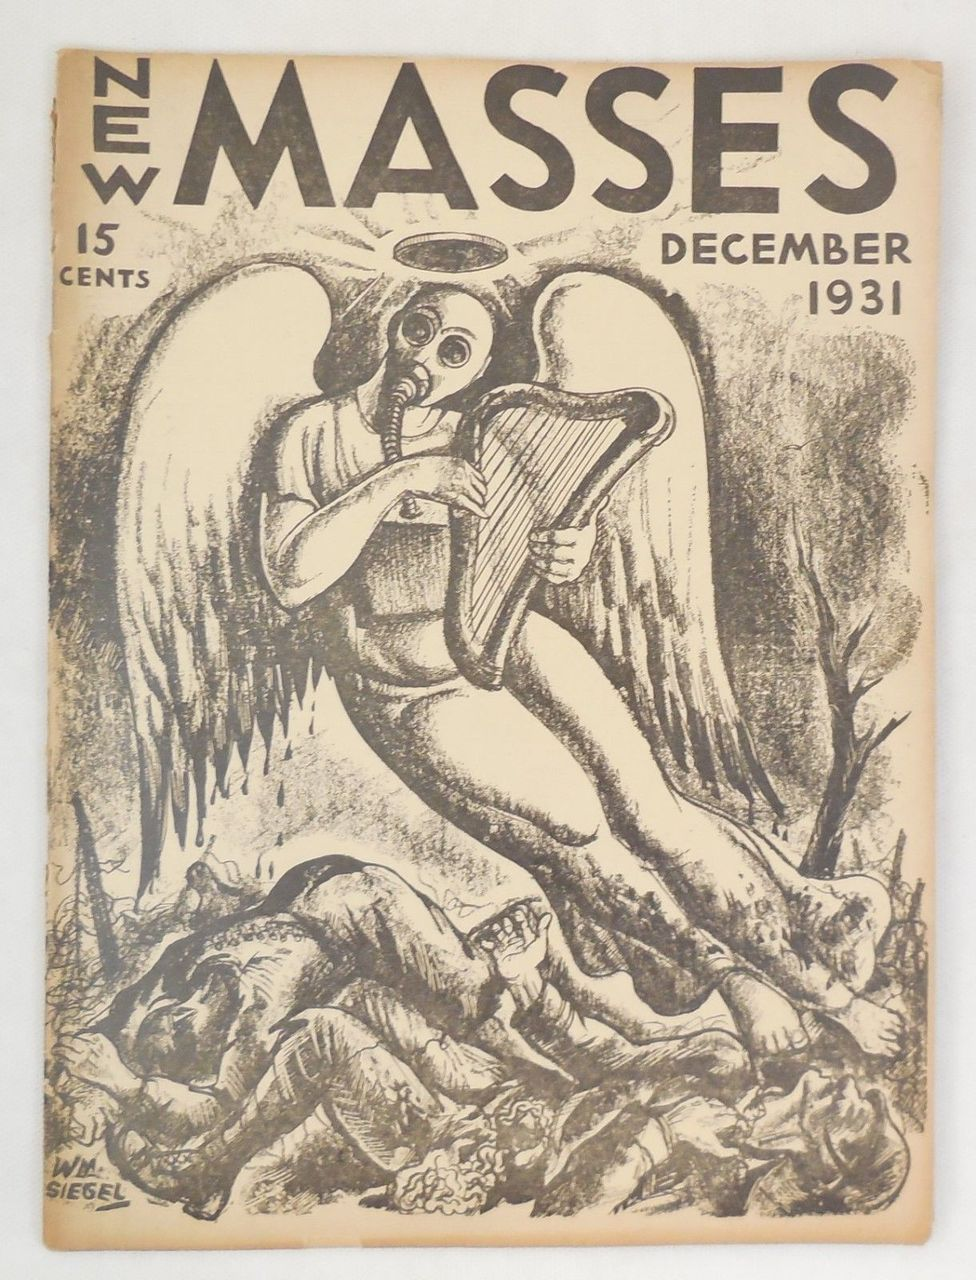 NEW MASSES DECEMBER 1931 Vol. 7 No. 7